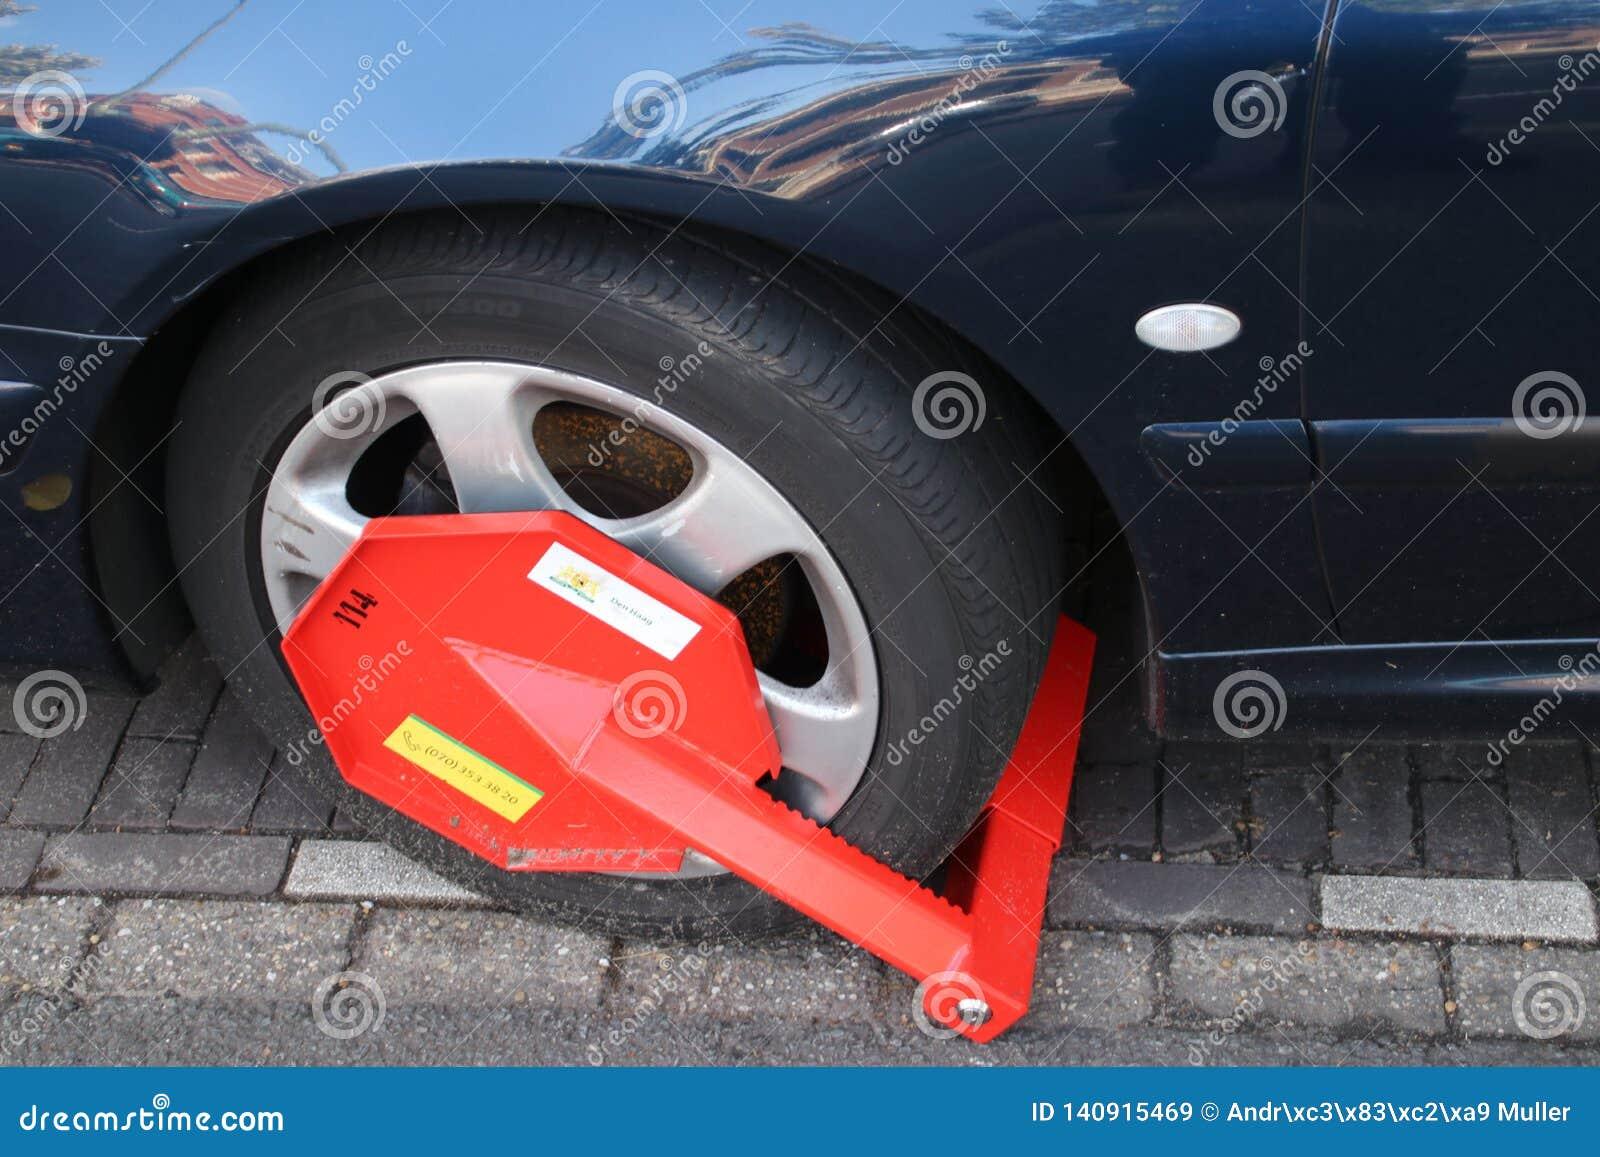 Radkralle auf dem Auto und wird, wenn der Geldstrafe, zu parken in Den Haag zahlend ist, die Niederlande entfernt